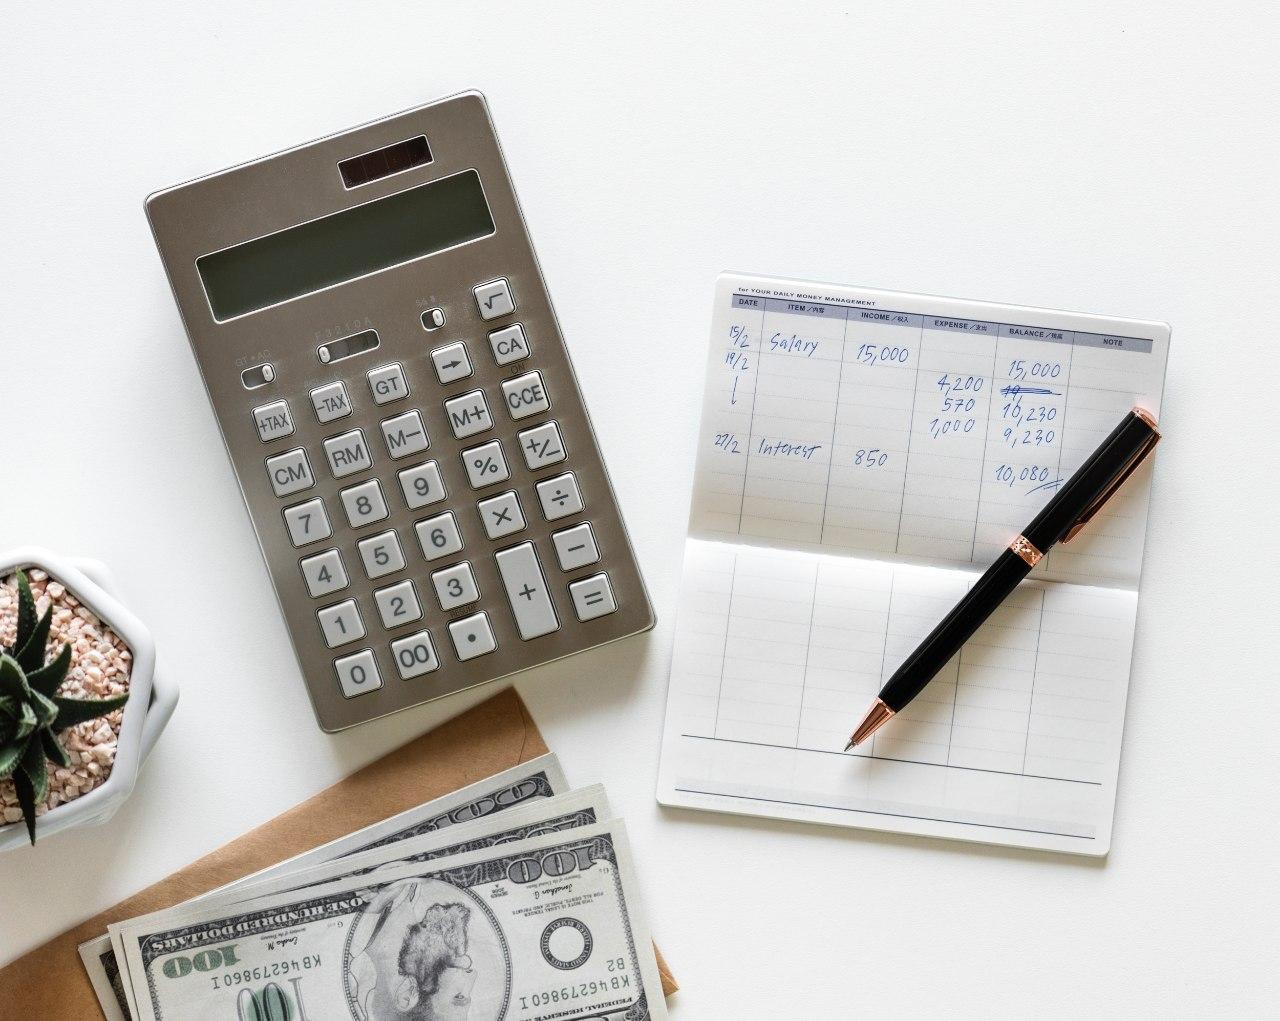 lenen leningen samenvoegen simulatie nieuwe persoonlijke lening minder betalen geld besparen nieuwe looptijd nieuwe lening